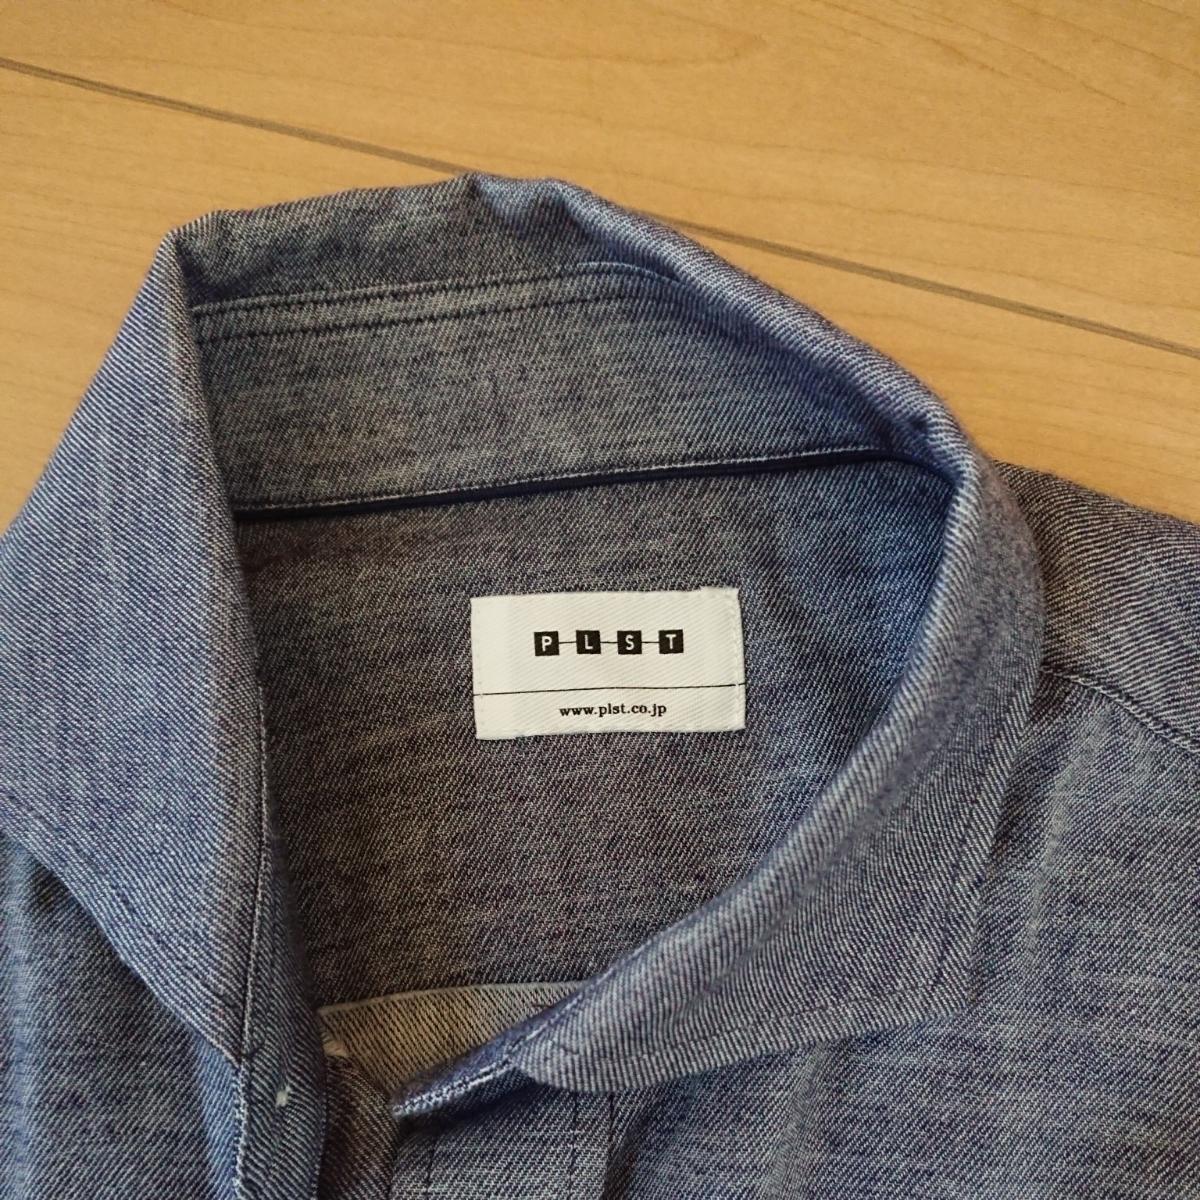 3ab8ac62a9473 代購代標第一品牌- 樂淘letao - PLSTプラステメンズシンプルな長袖シャツグレーサイズS